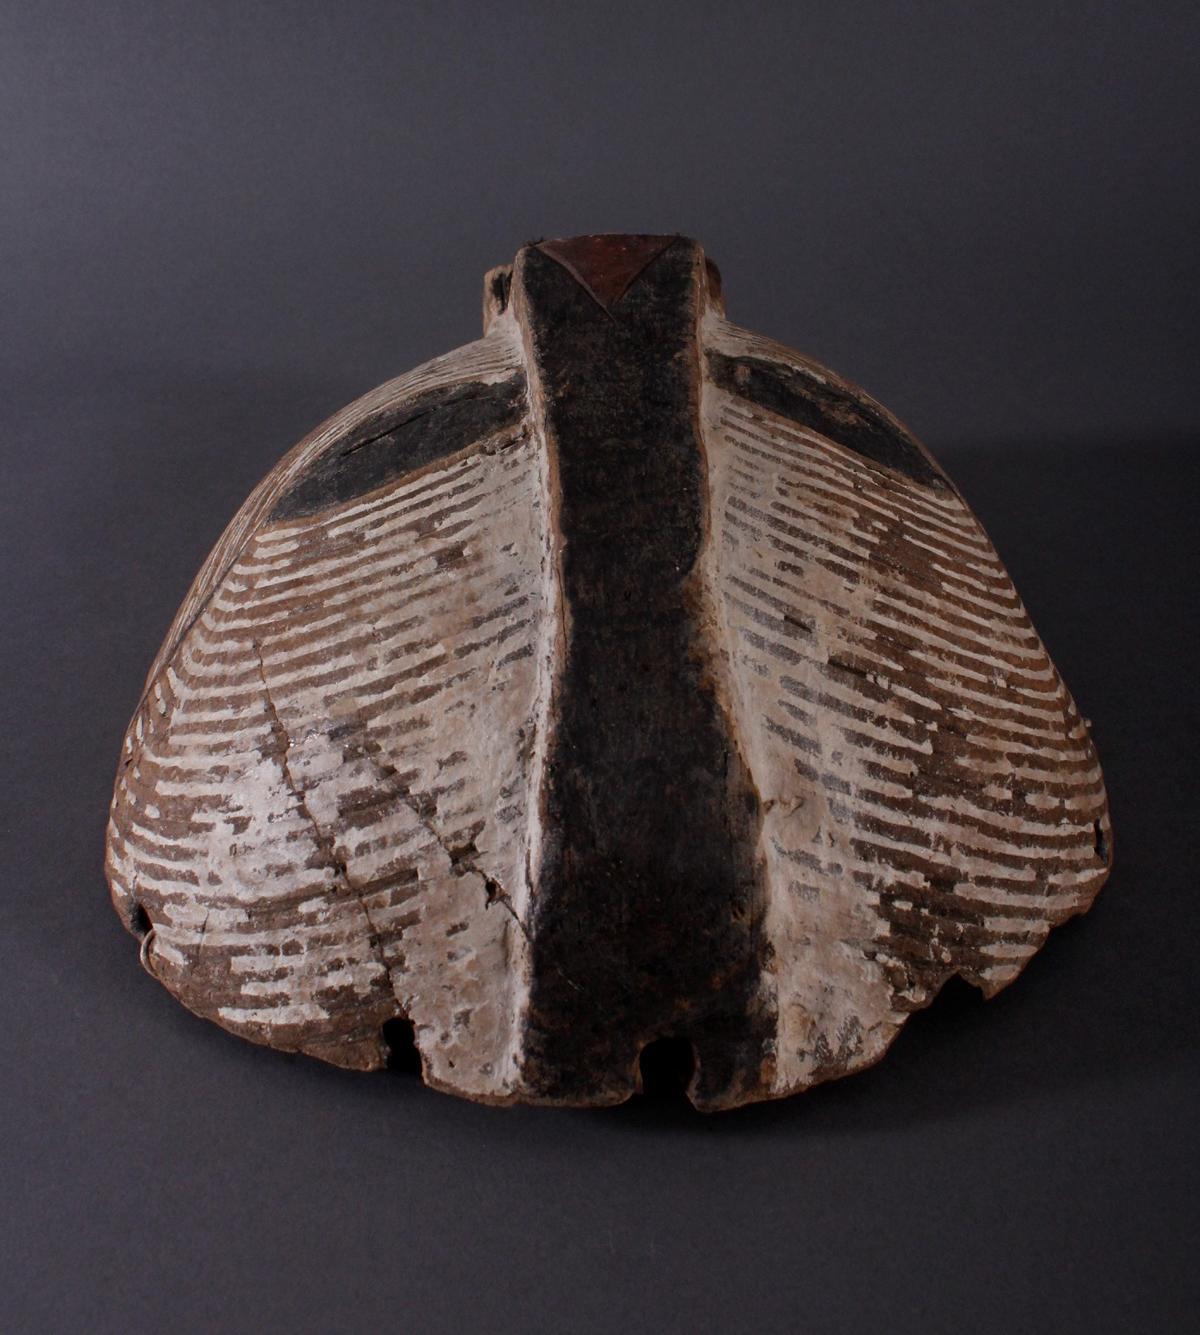 """Antike Maske, Luba, KongoHolz geschnitzt, runde """"Kifwebe-Maske"""" der Luba. polychrom gefärbt, mit - Bild 6 aus 6"""